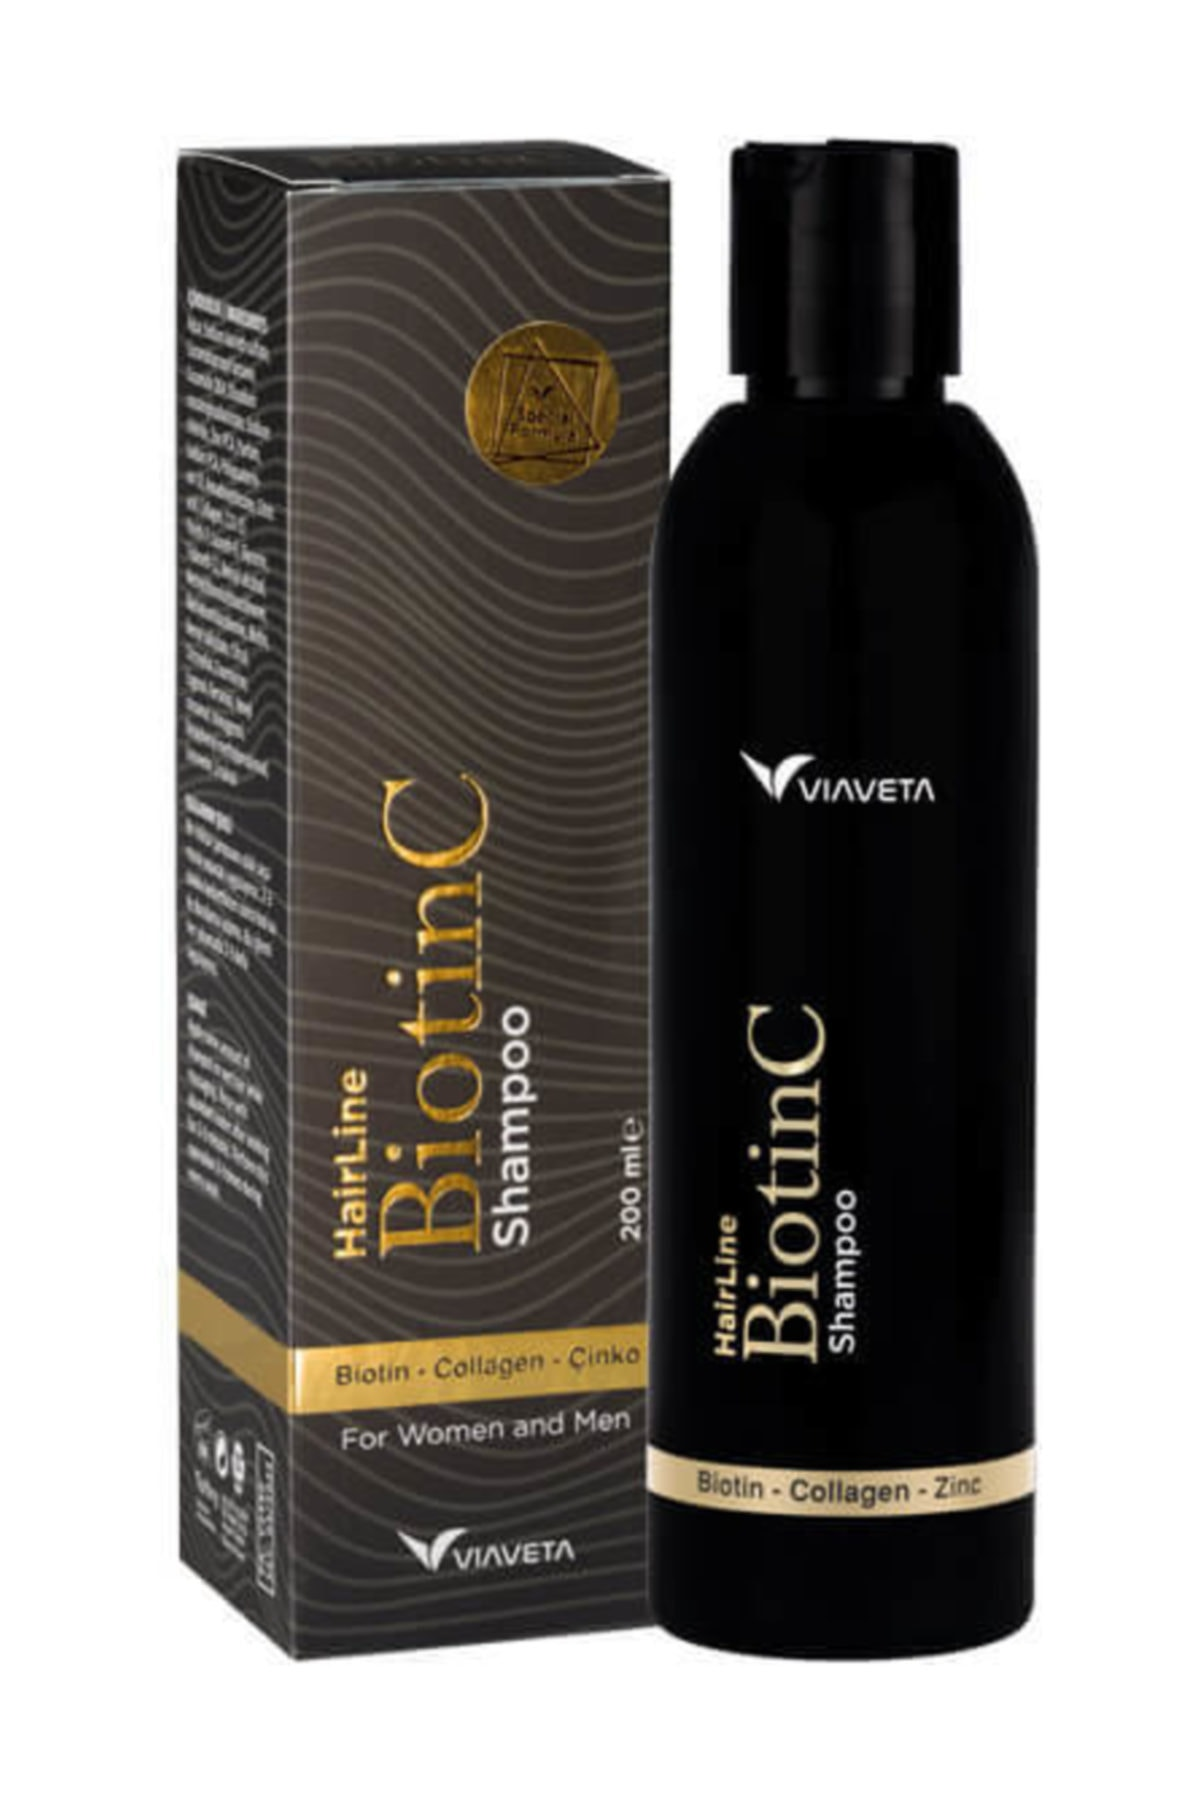 ViaVeta Biotinc Şampuan - 200 ml 1